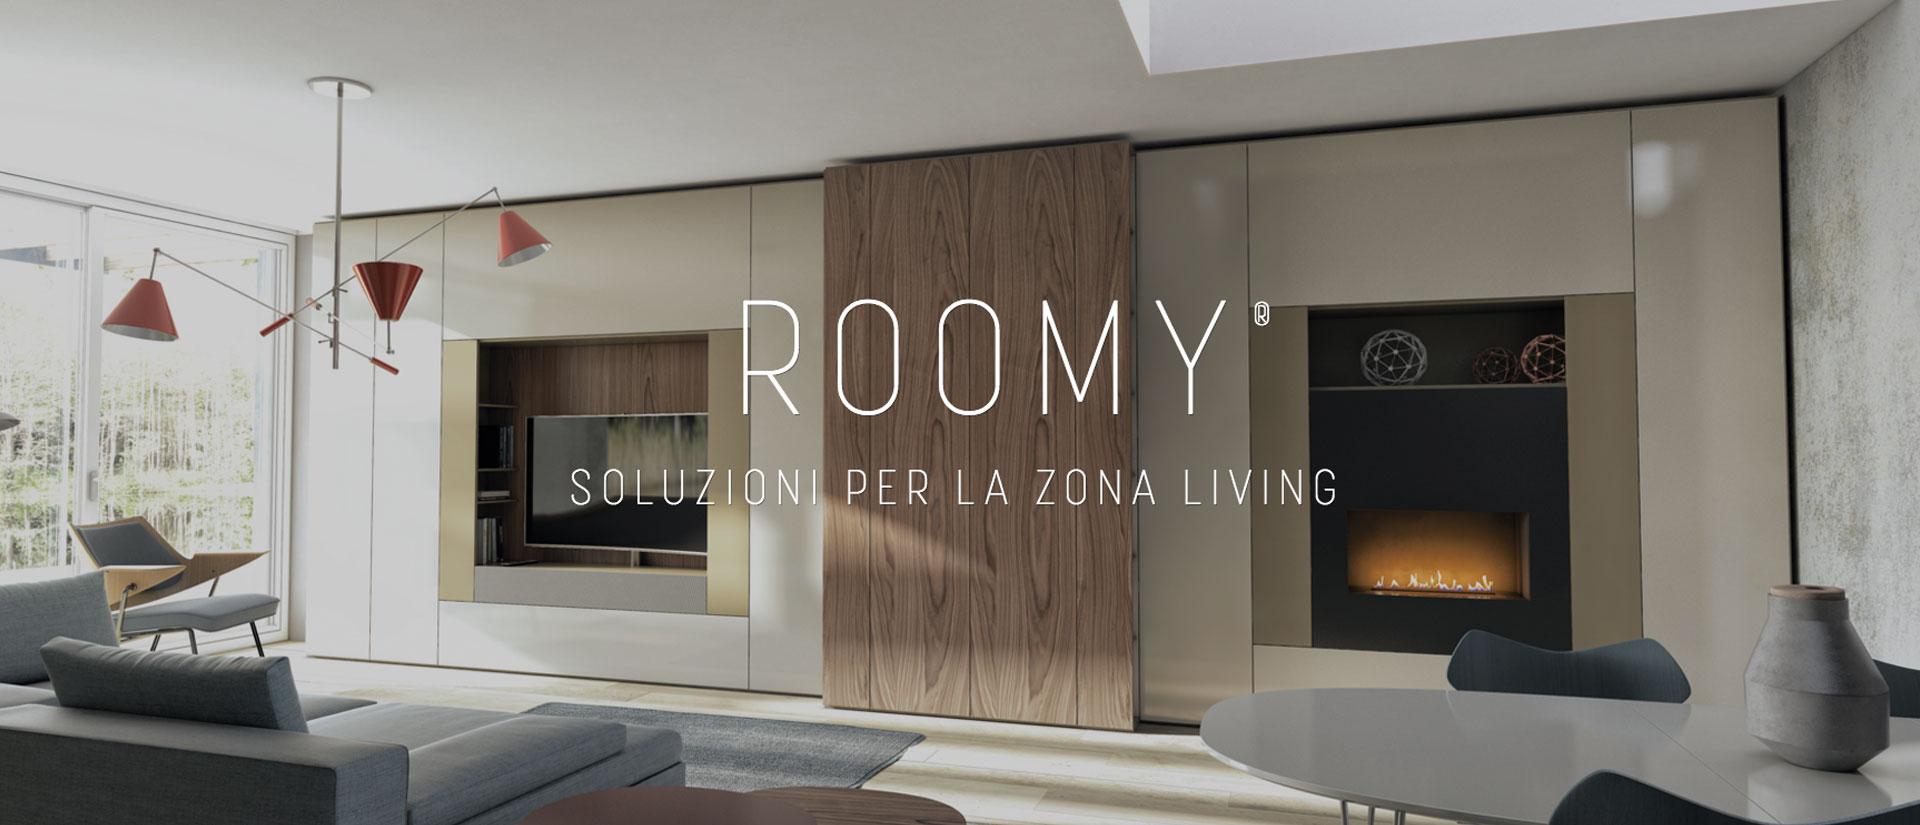 Roomy, il sistema abitativo moderno Caccaro in esposizione nel centro arredamenti in campania casadesign arredamenti